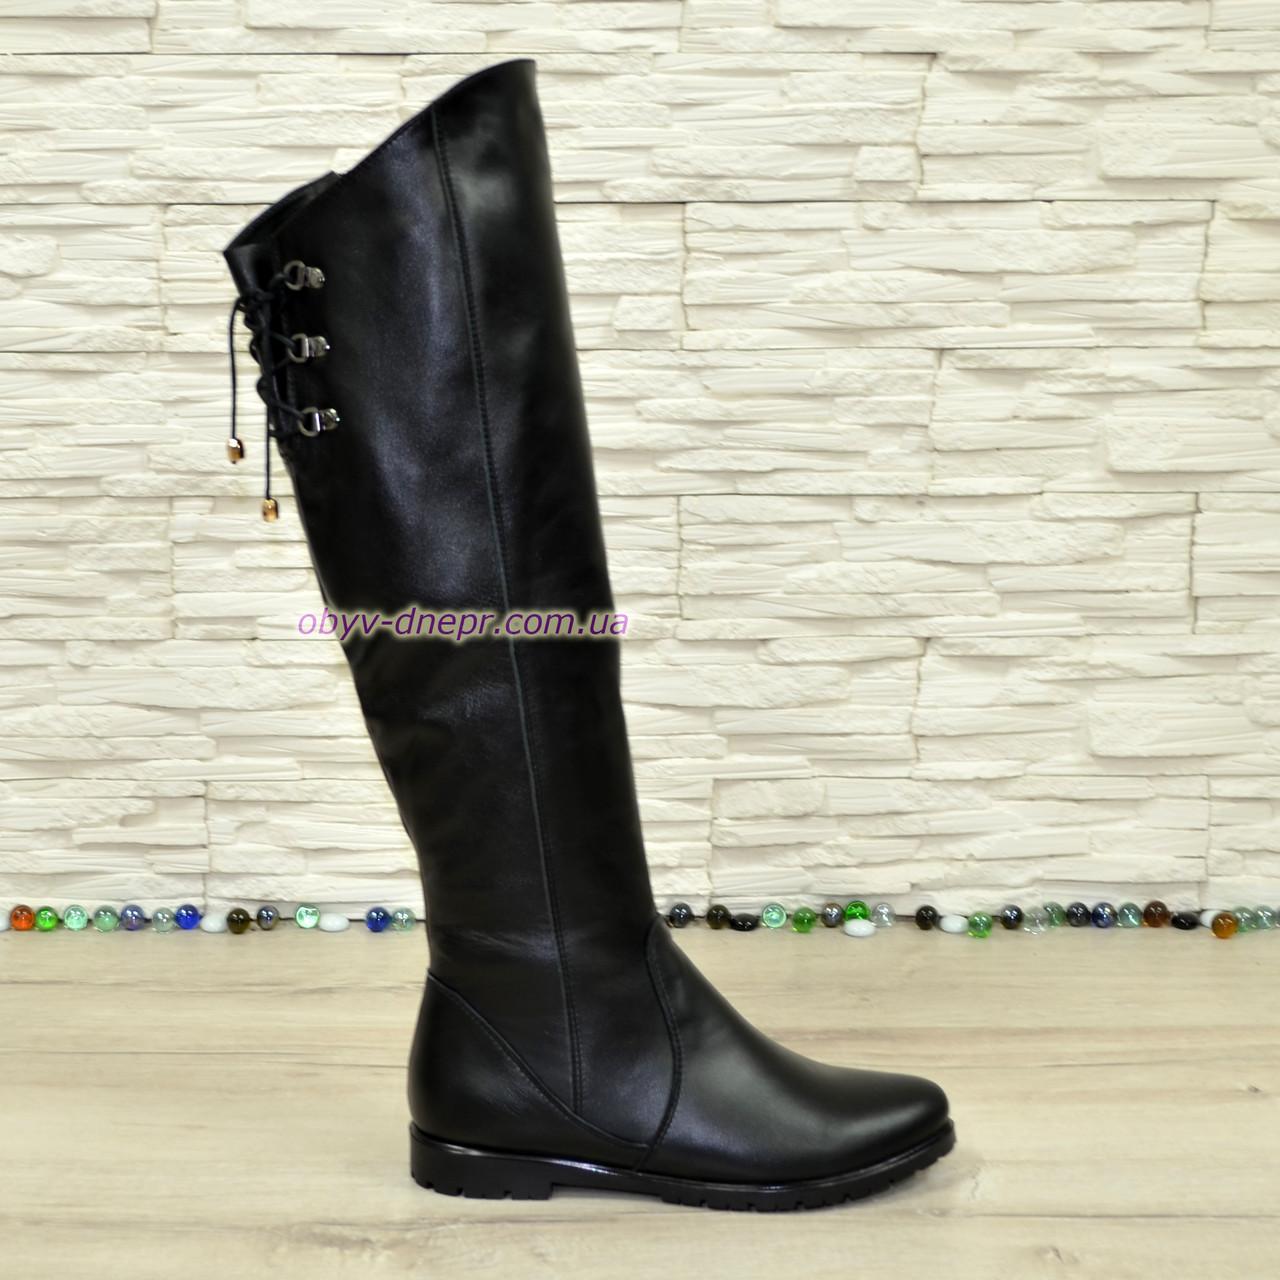 Ботфорты зимние женские кожаные на низком ходу, черный цвет.